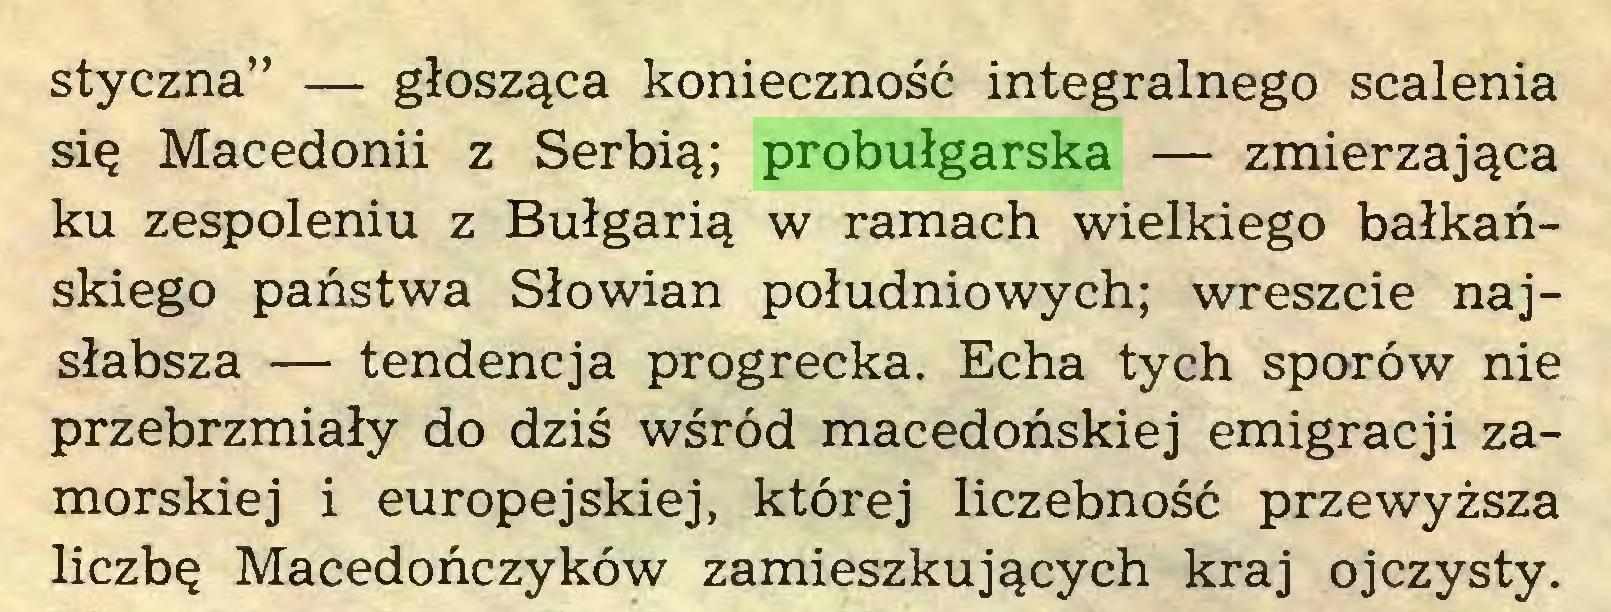 """(...) styczna"""" — głosząca konieczność integralnego scalenia się Macedonii z Serbią; probułgarska — zmierzająca ku zespoleniu z Bułgarią w ramach wielkiego bałkańskiego państwa Słowian południowych; wreszcie najsłabsza — tendencja progrecka. Echa tych sporów nie przebrzmiały do dziś wśród macedońskiej emigracji zamorskiej i europejskiej, której liczebność przewyższa liczbę Macedończyków zamieszkujących kraj ojczysty..."""